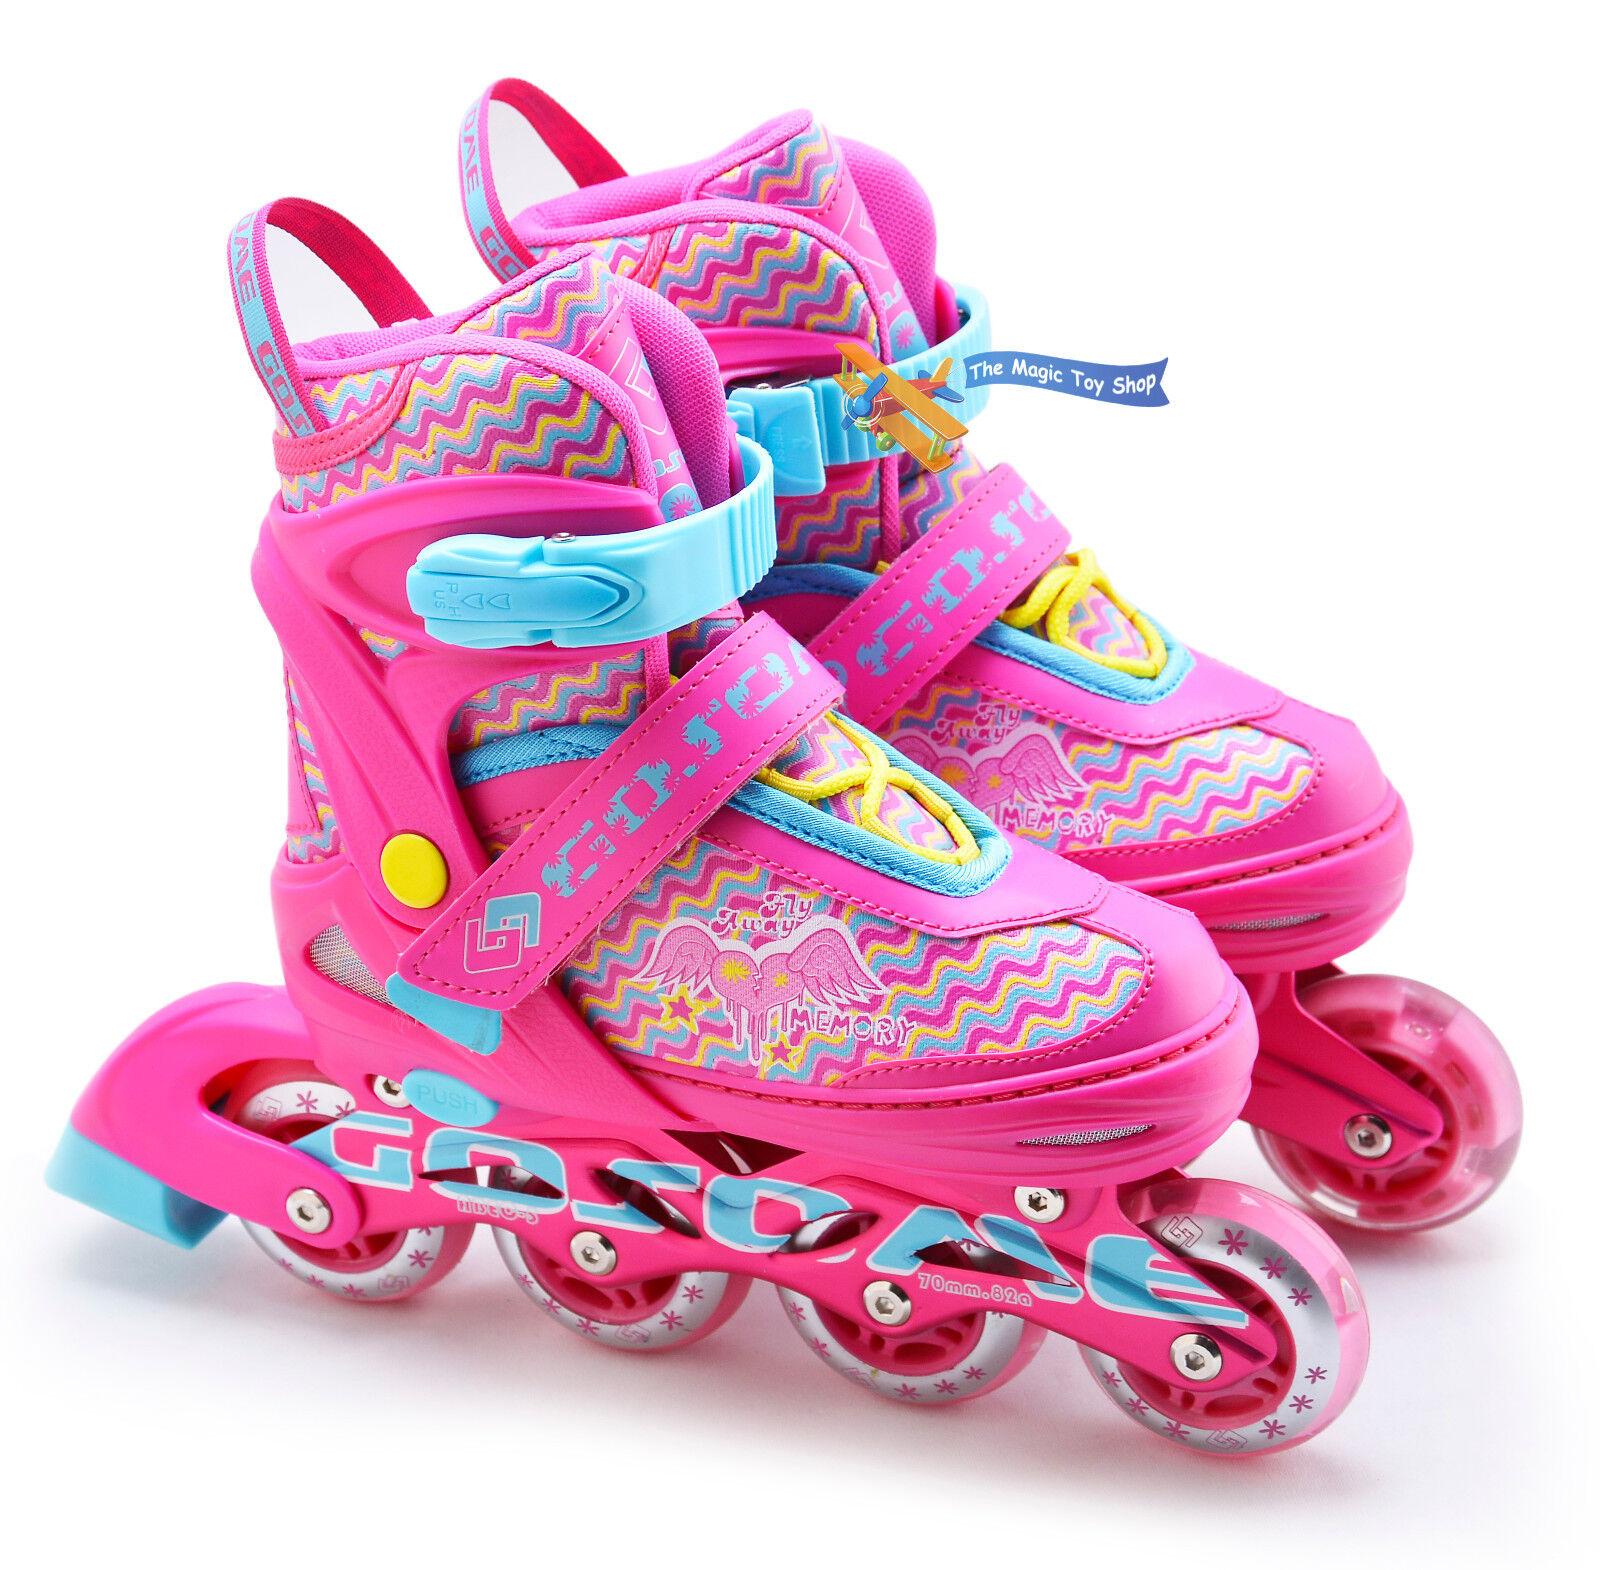 Kinder Jungen Mädchen 4 Räder Räder Räder Inlineskates Roller Blades Stiefel b0b682